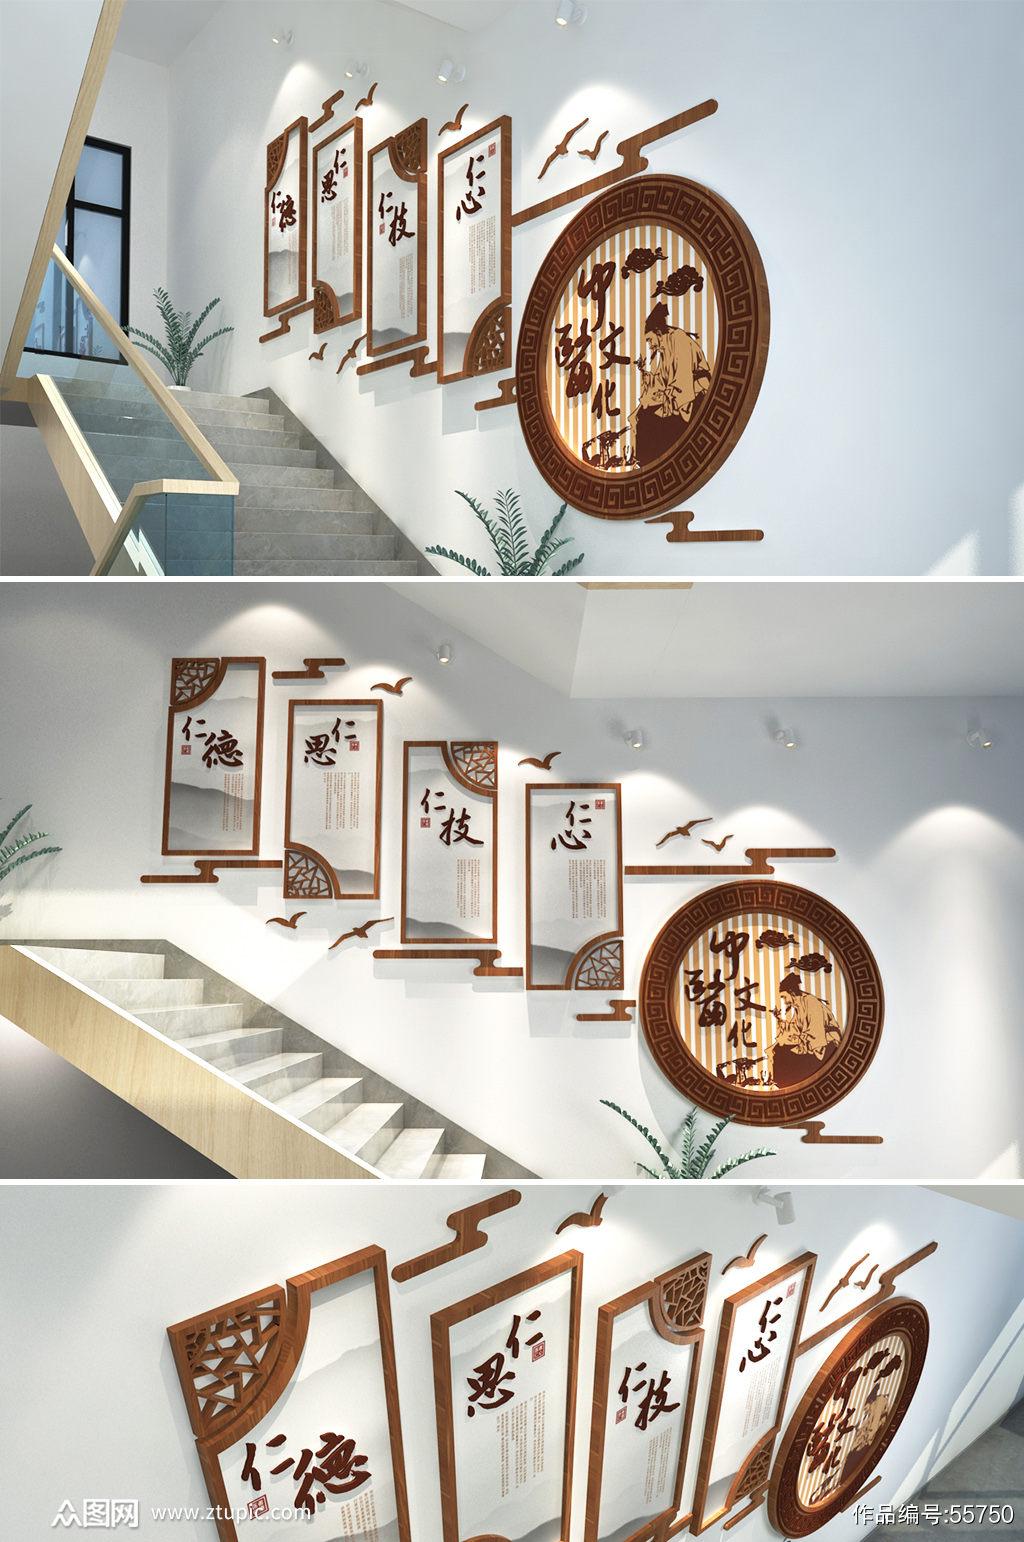 中华文化医院楼梯医疗文化墙设计布置效果图素材